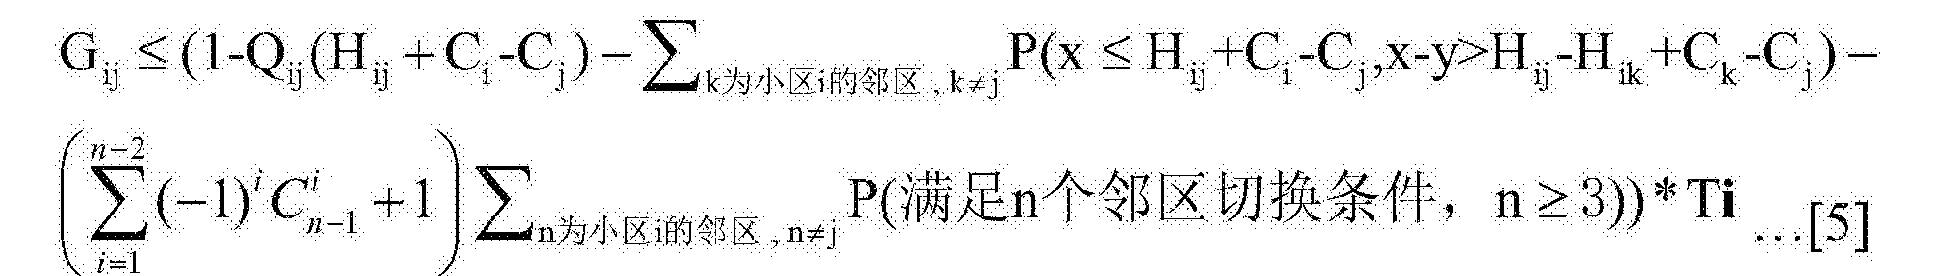 Figure CN104219707BD00161